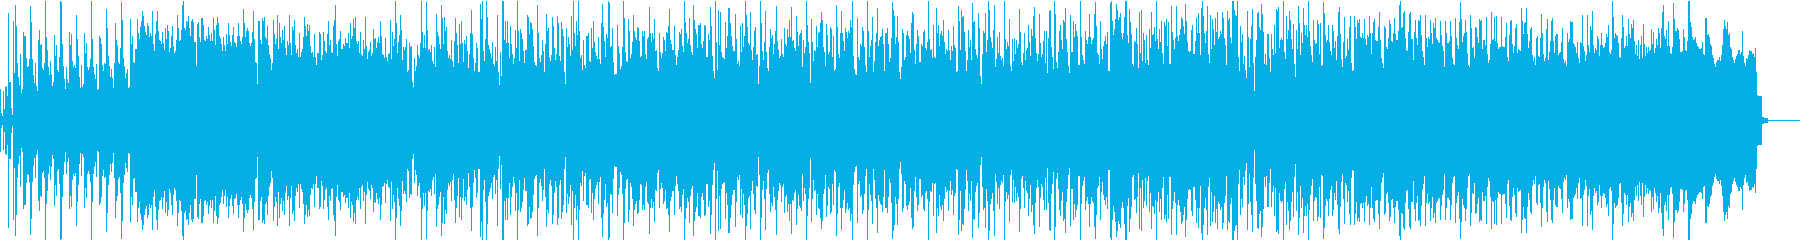 哀愁漂う昔ながらのジャズバラードの再生済みの波形